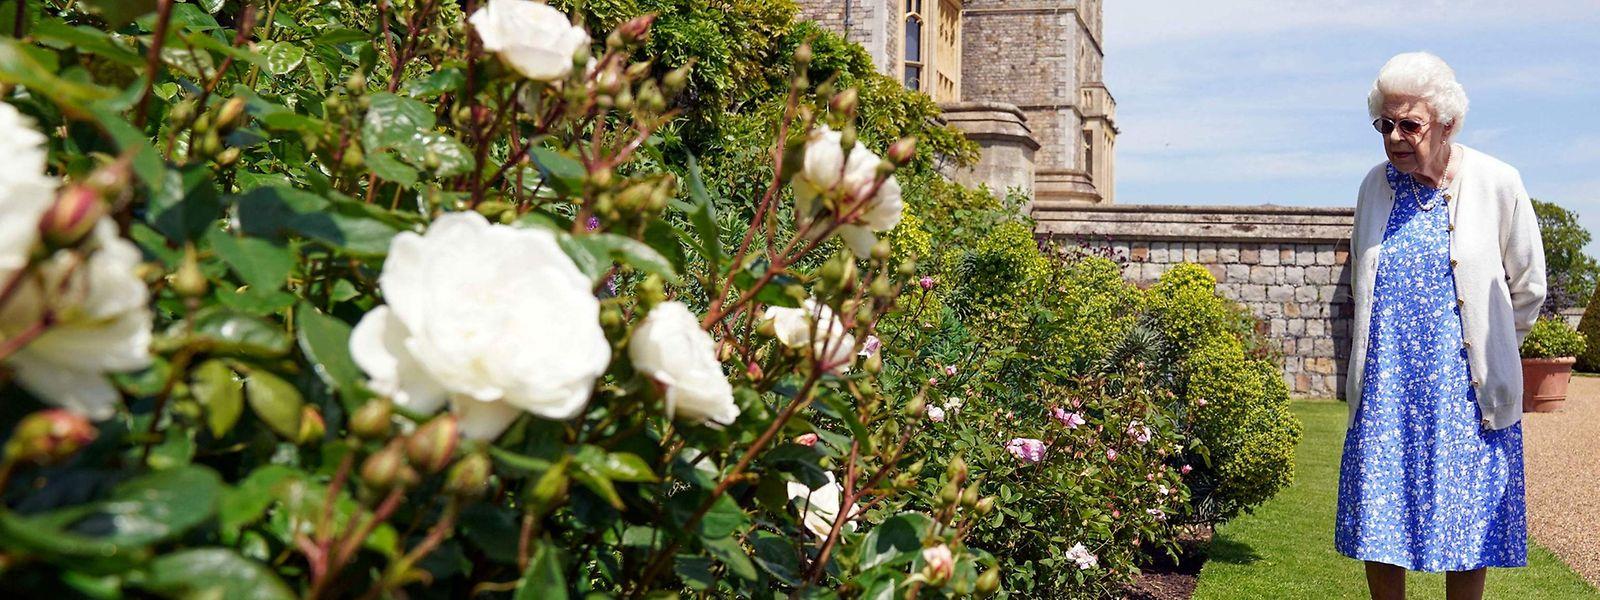 Die 95-jährige Königin Elizabeth in den Gärten von Schloss Windsor.